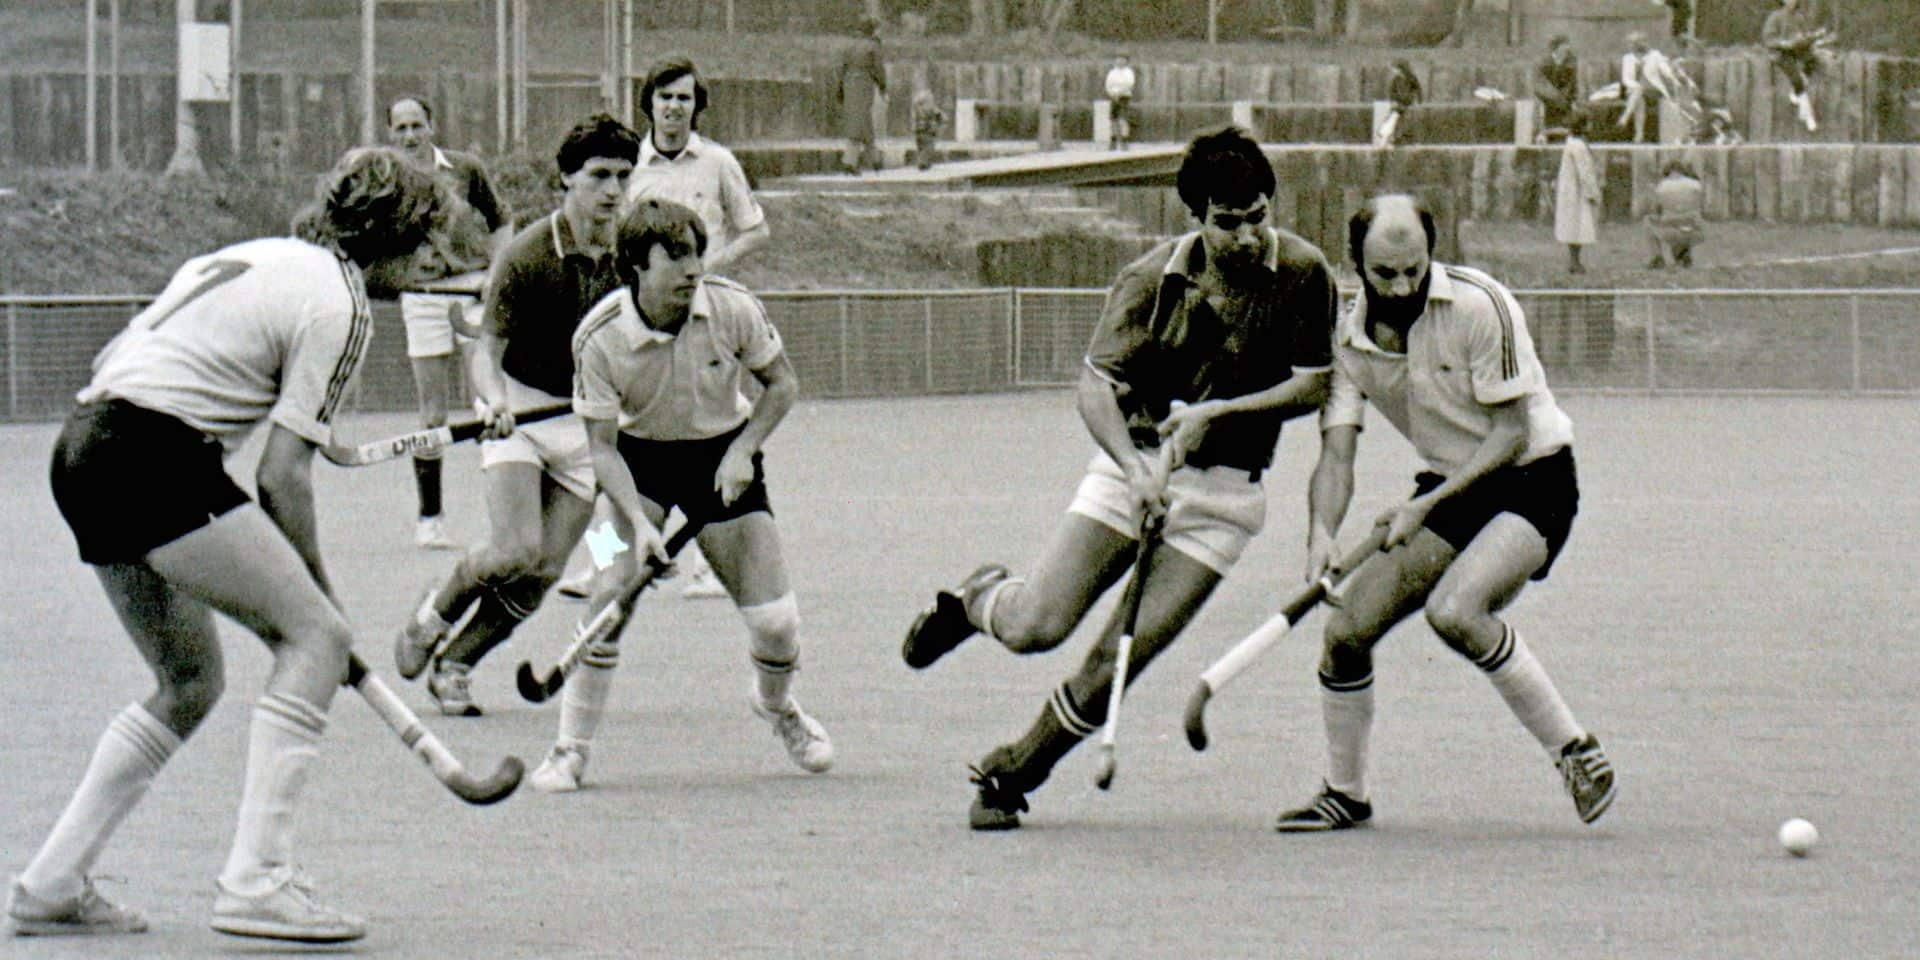 Guy Miserque, le joueur tout à droite de la photo, nous a quitté à l'âge de 74 ans.